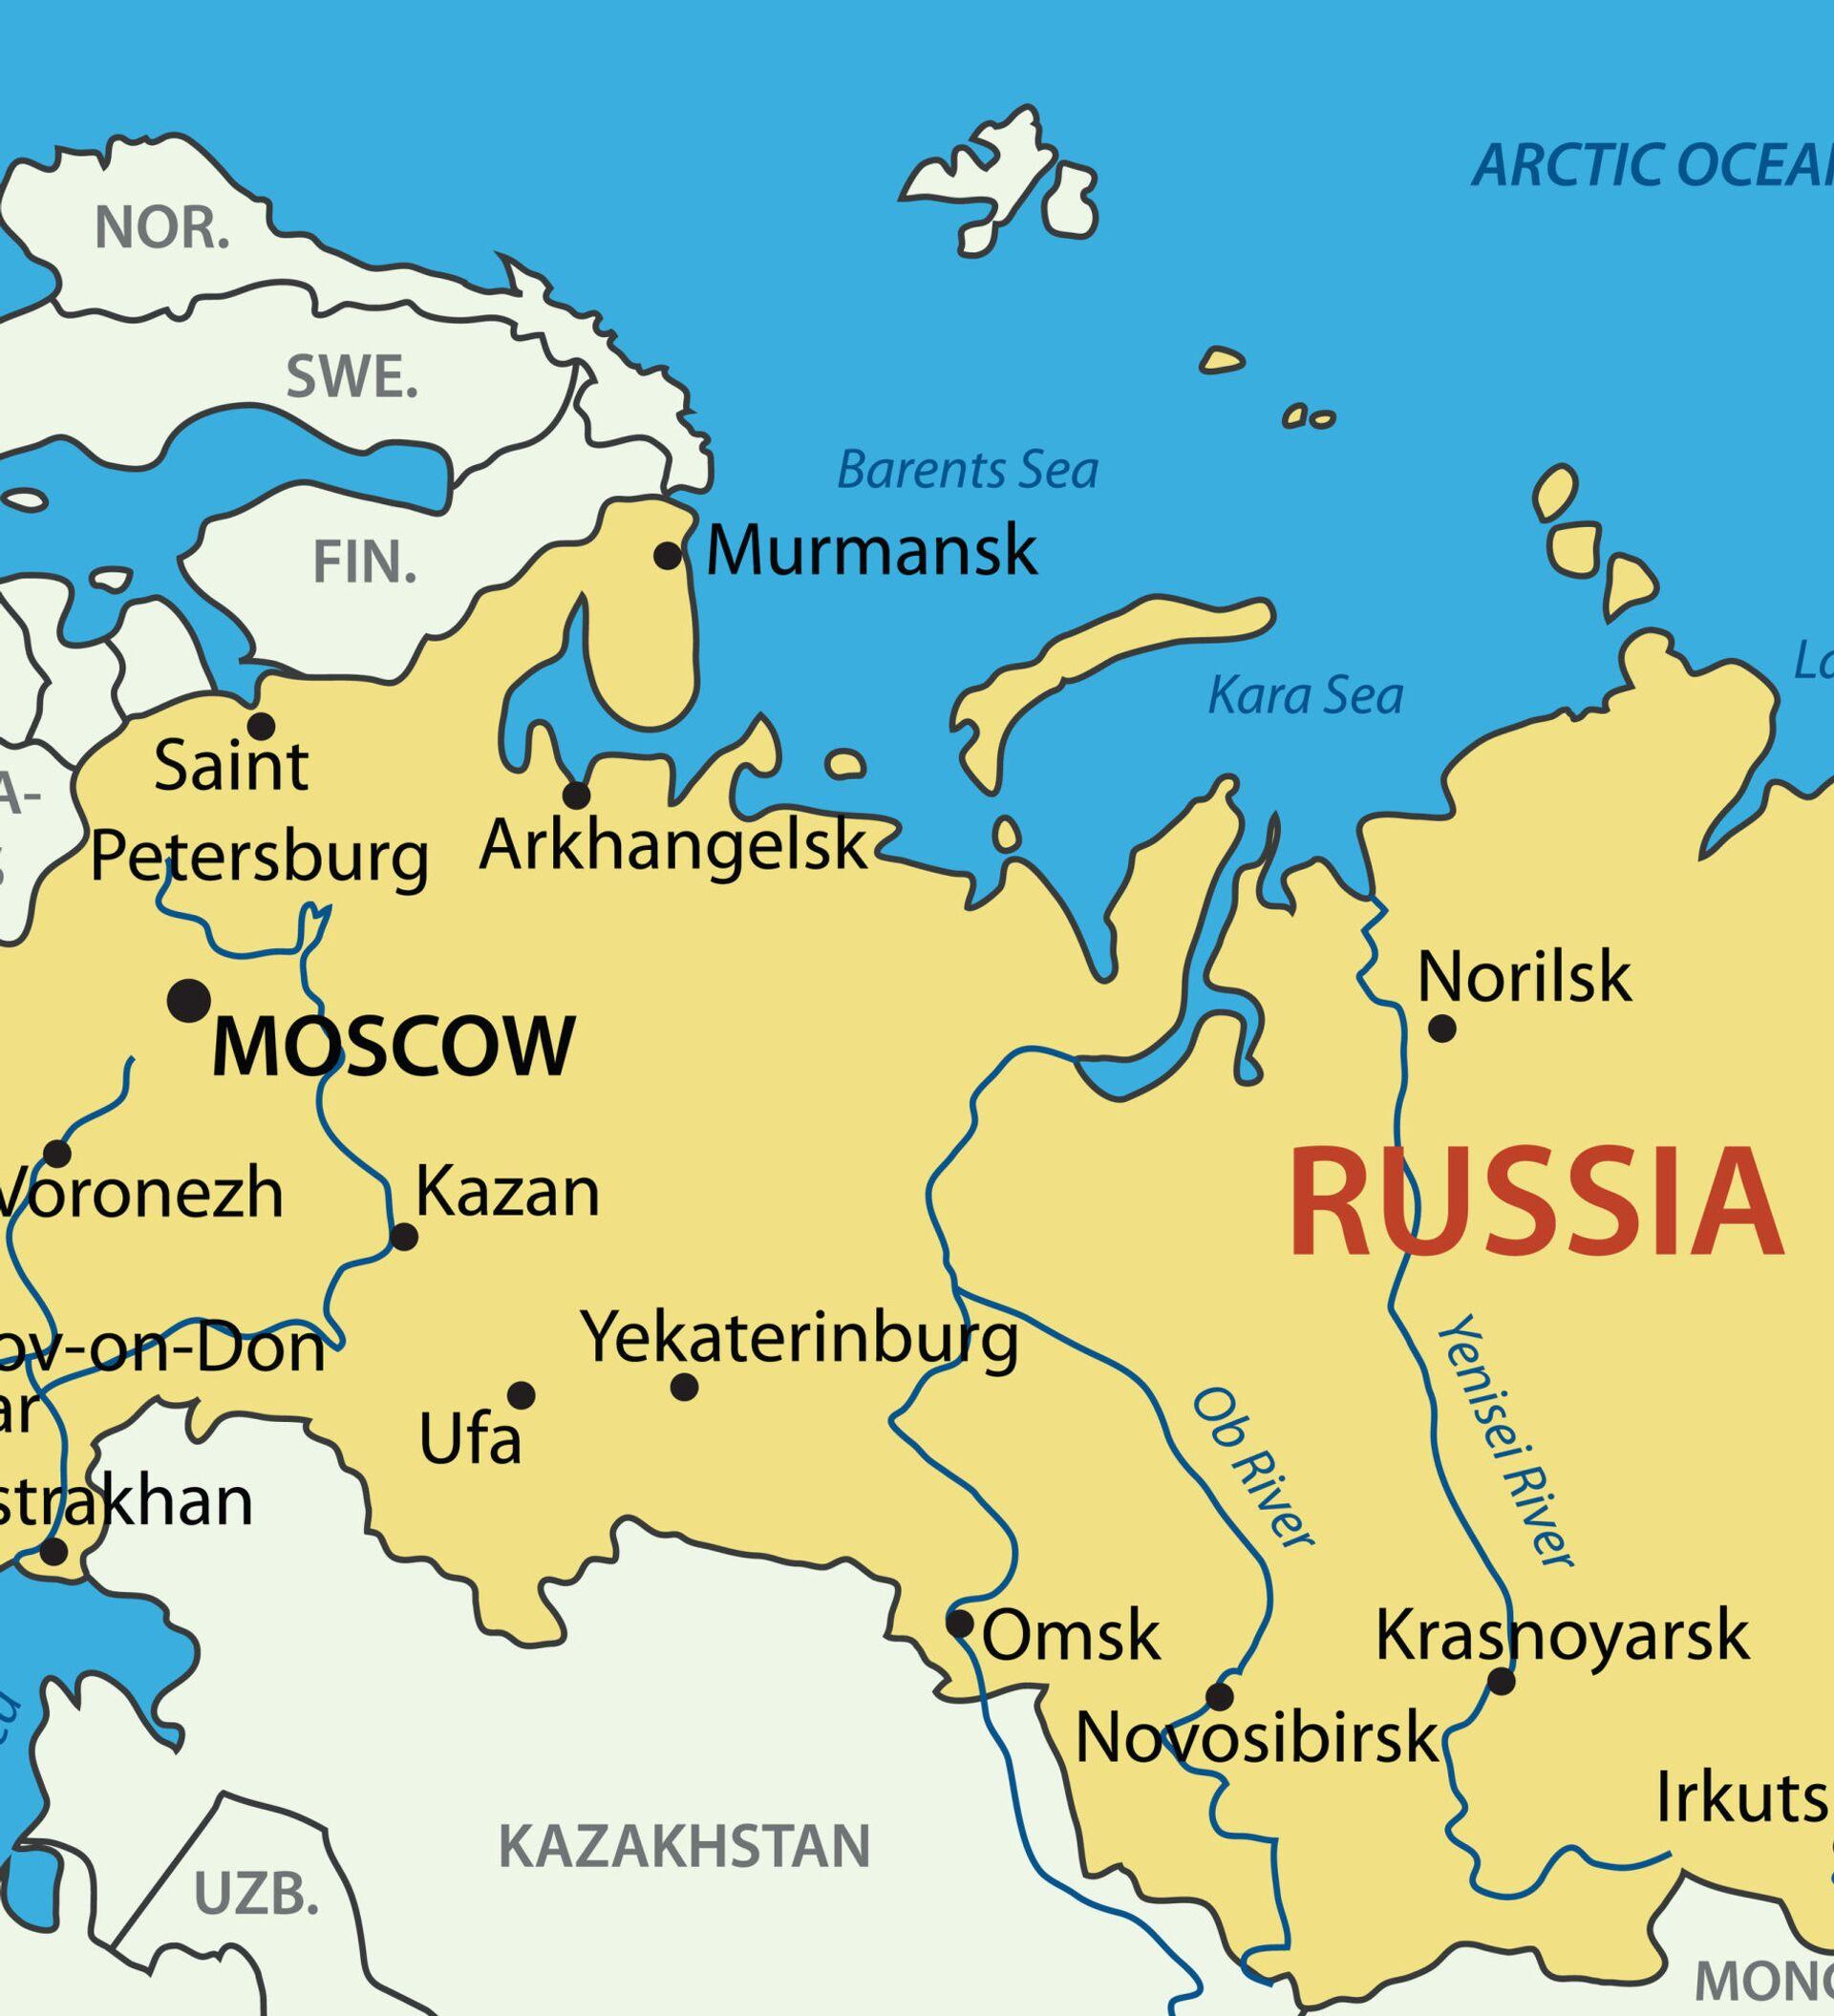 Cartina Geografica Russia Ucraina.10 Cose Che Conviene Sapere Sulla Federazione Russa 12 06 2015 Sputnik Italia